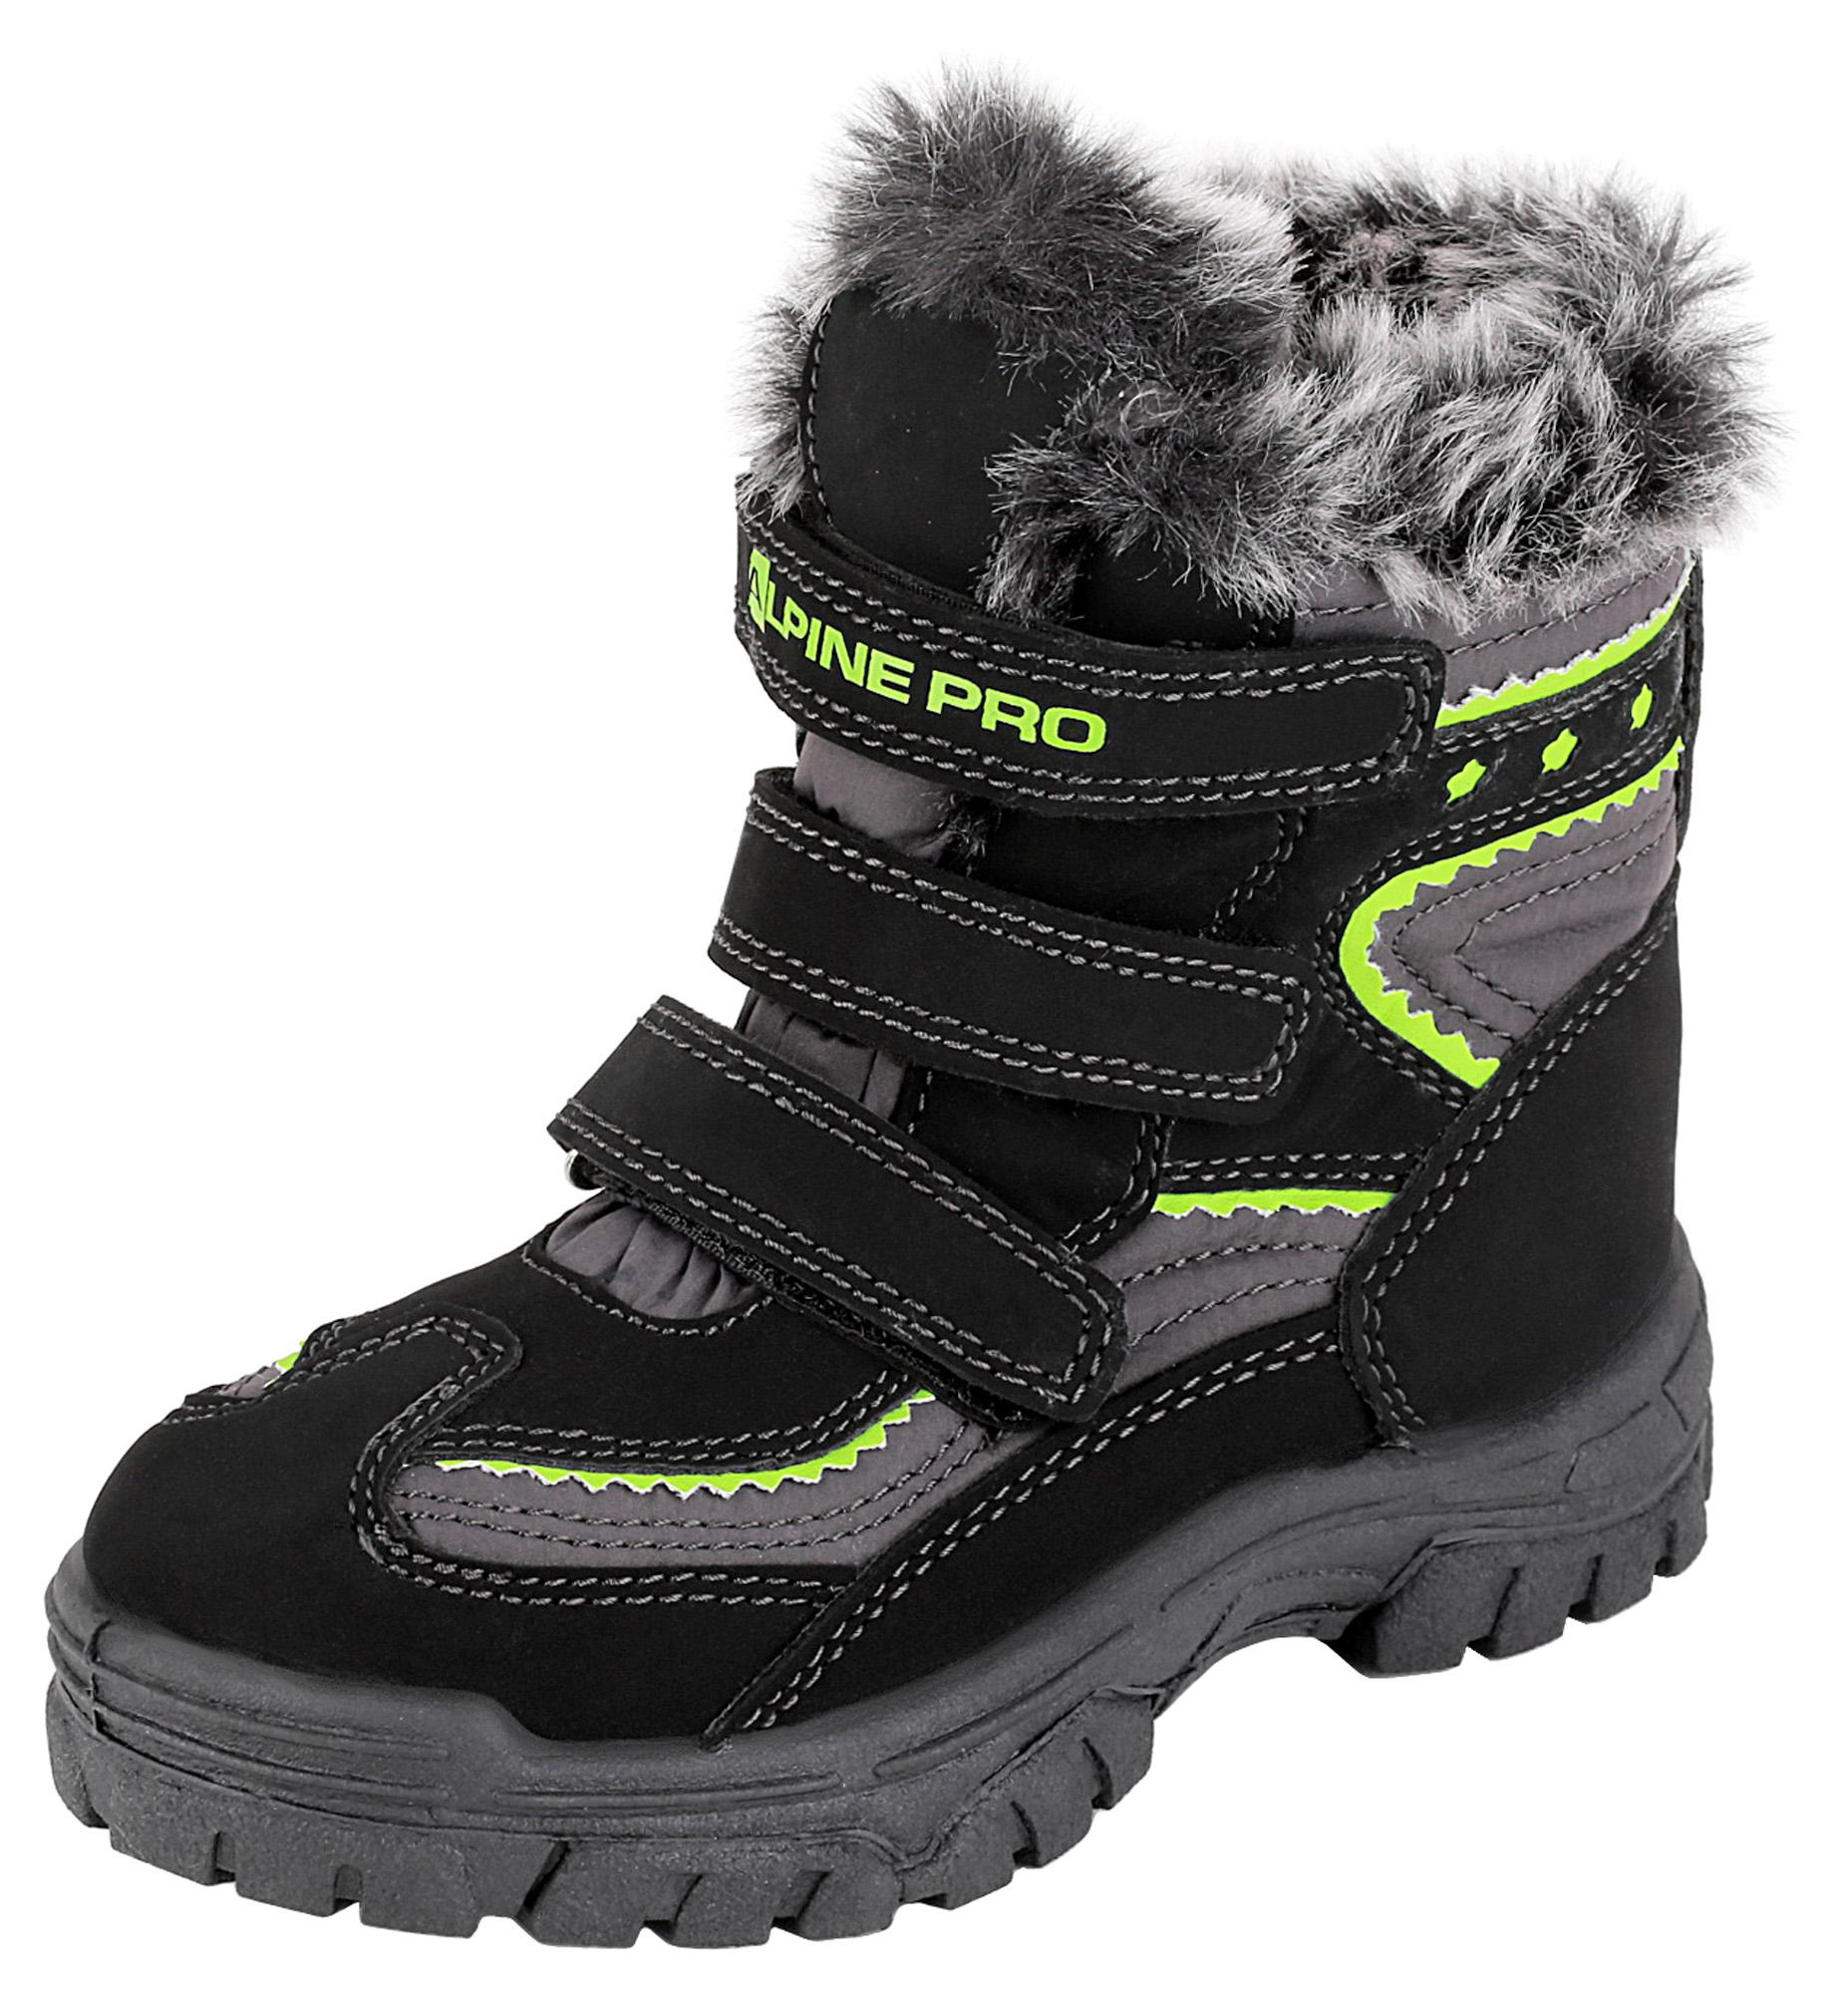 5df7f2a5a54c ALPINE PRO Detská zimná obuv Flea - žlto-čierne